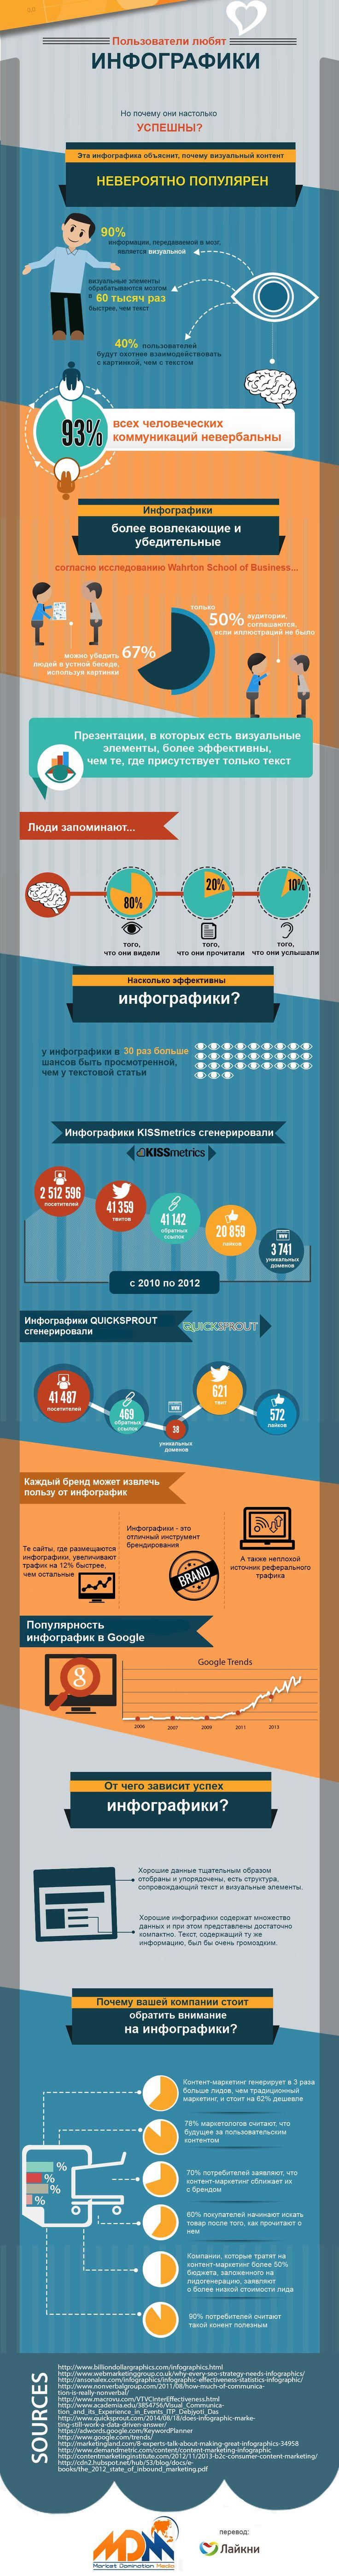 Причины популярности инфографики